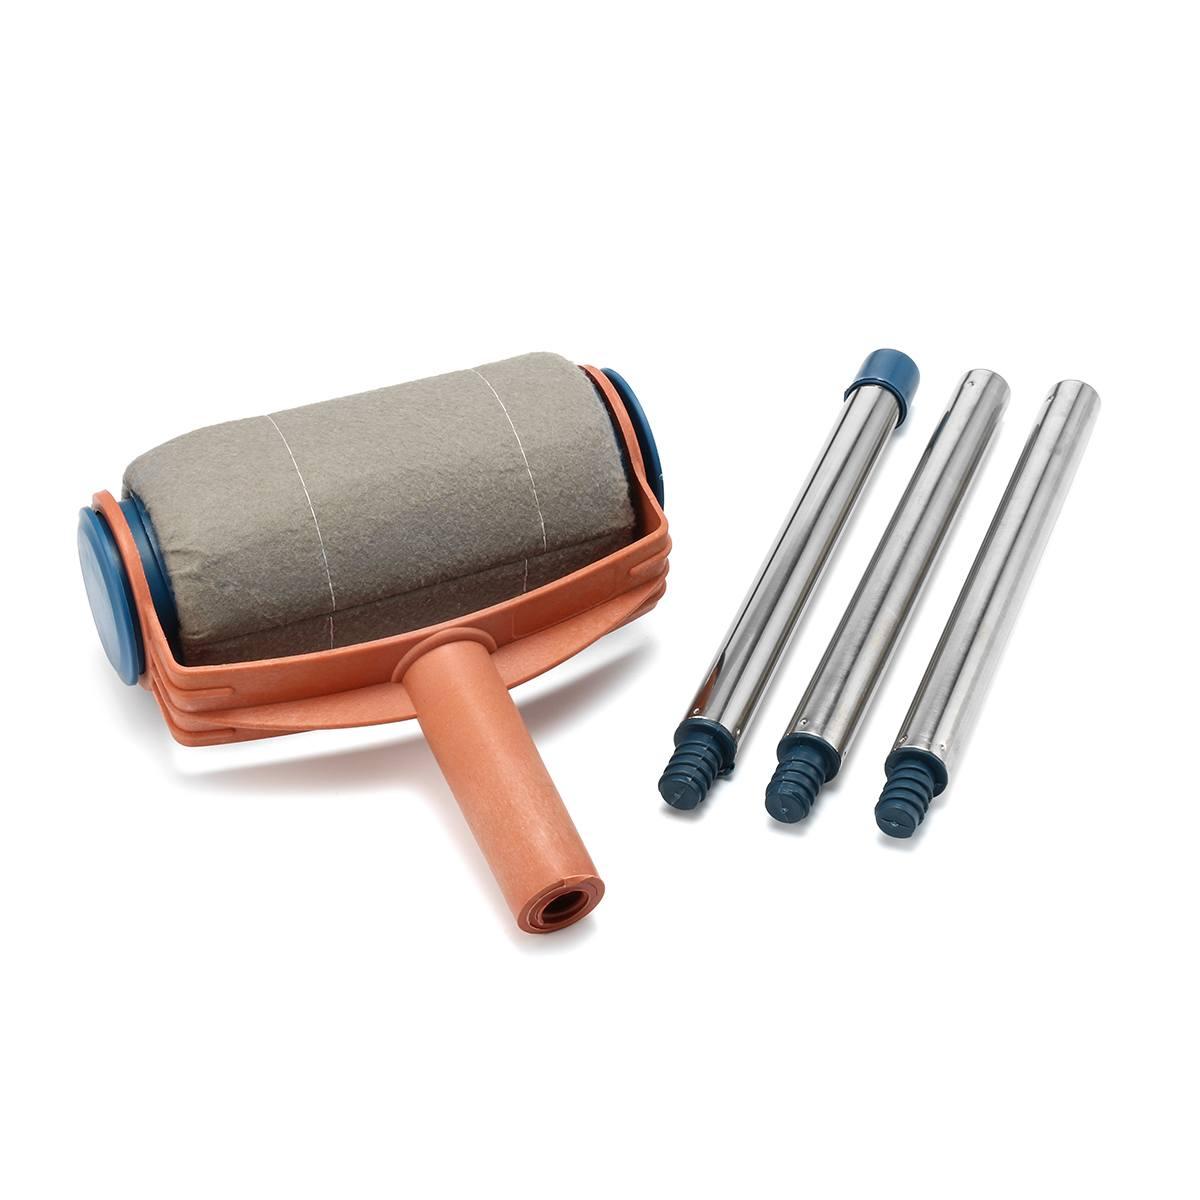 Cepillo de pintura decorativo multifuncional para pared de uso doméstico DIY rodillo de pintura inteligente fácil decoración del hogar herramientas de pared piezas